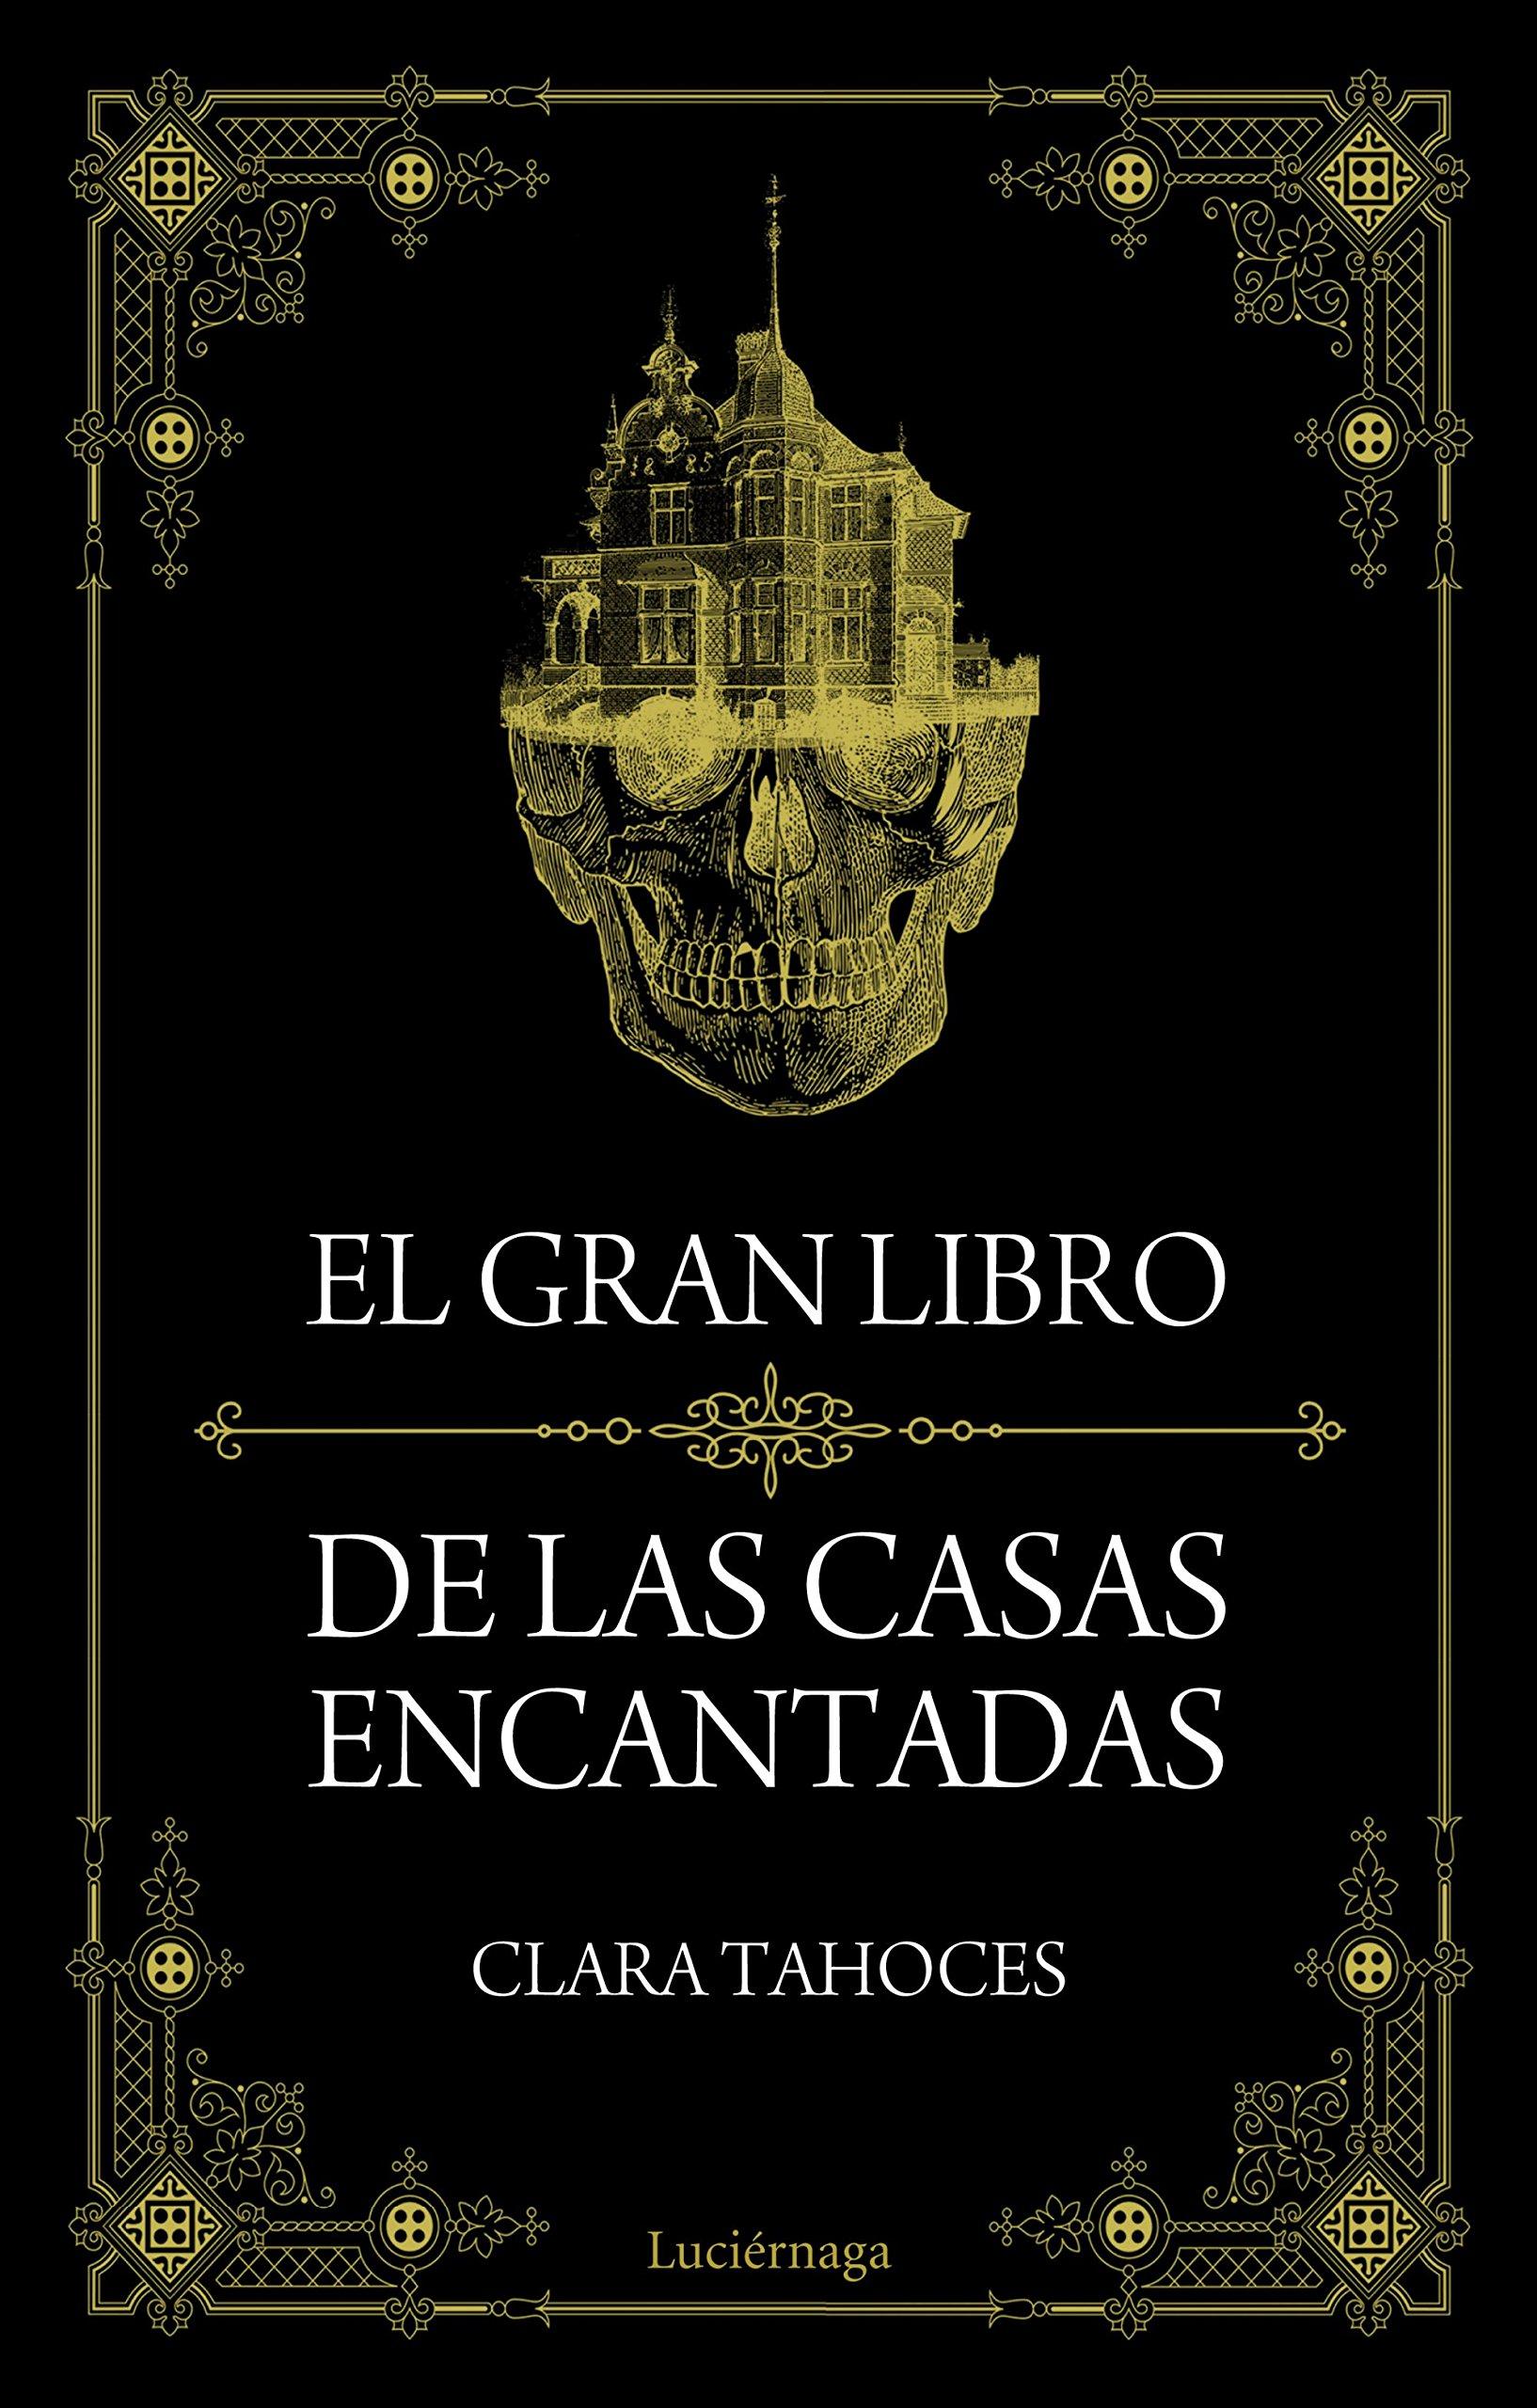 El gran libro de las casas encantadas ENIGMAS Y CONSPIRACIONES ...